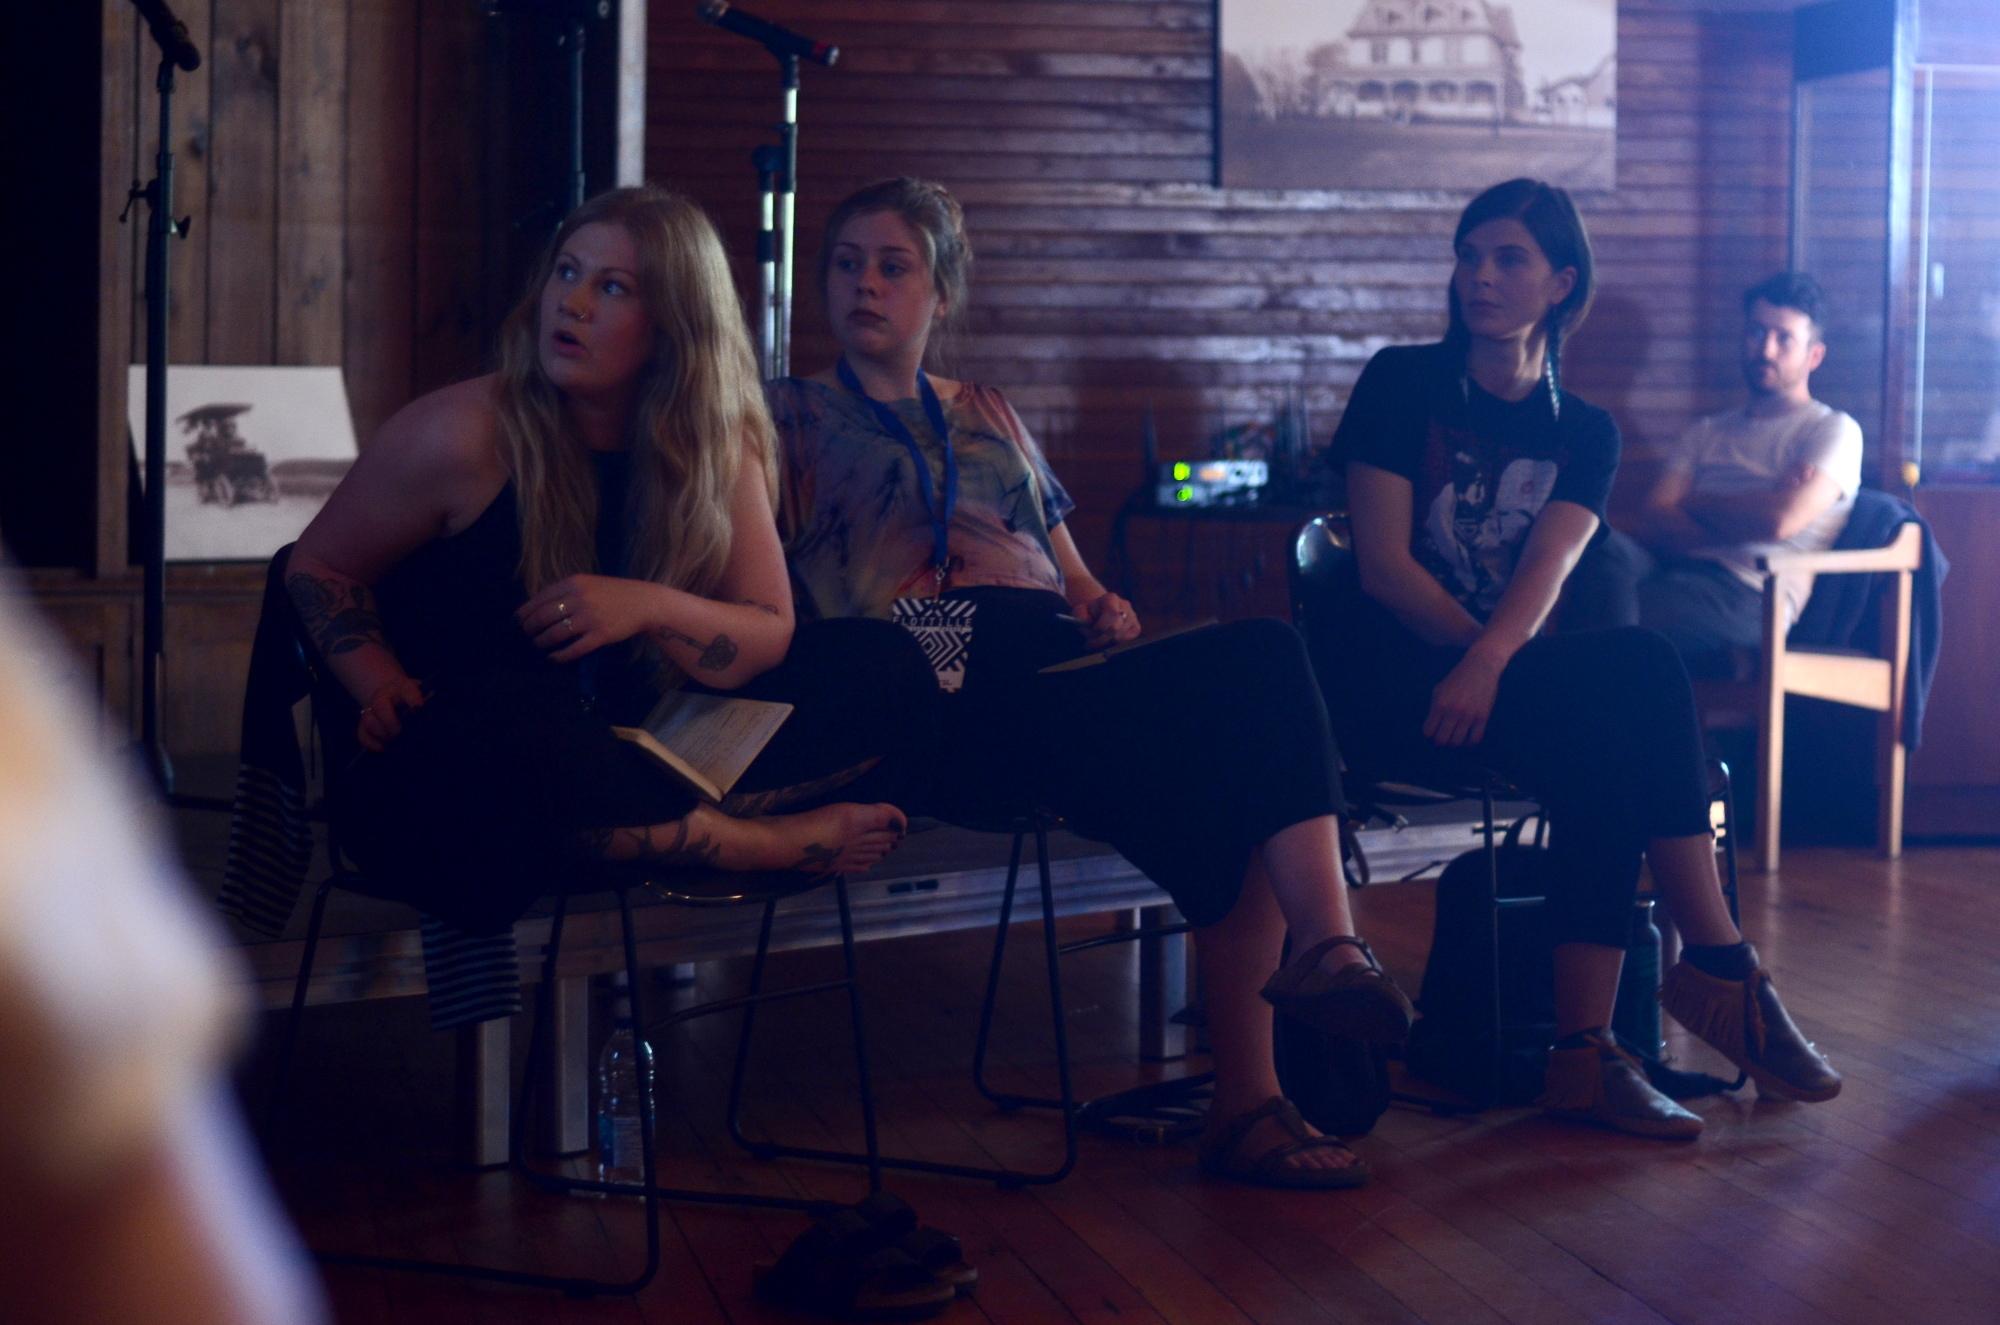 Left to right: Vivan Ross-Smith, Jane Walker, Meagan Musseau. Photo: Will Baker.